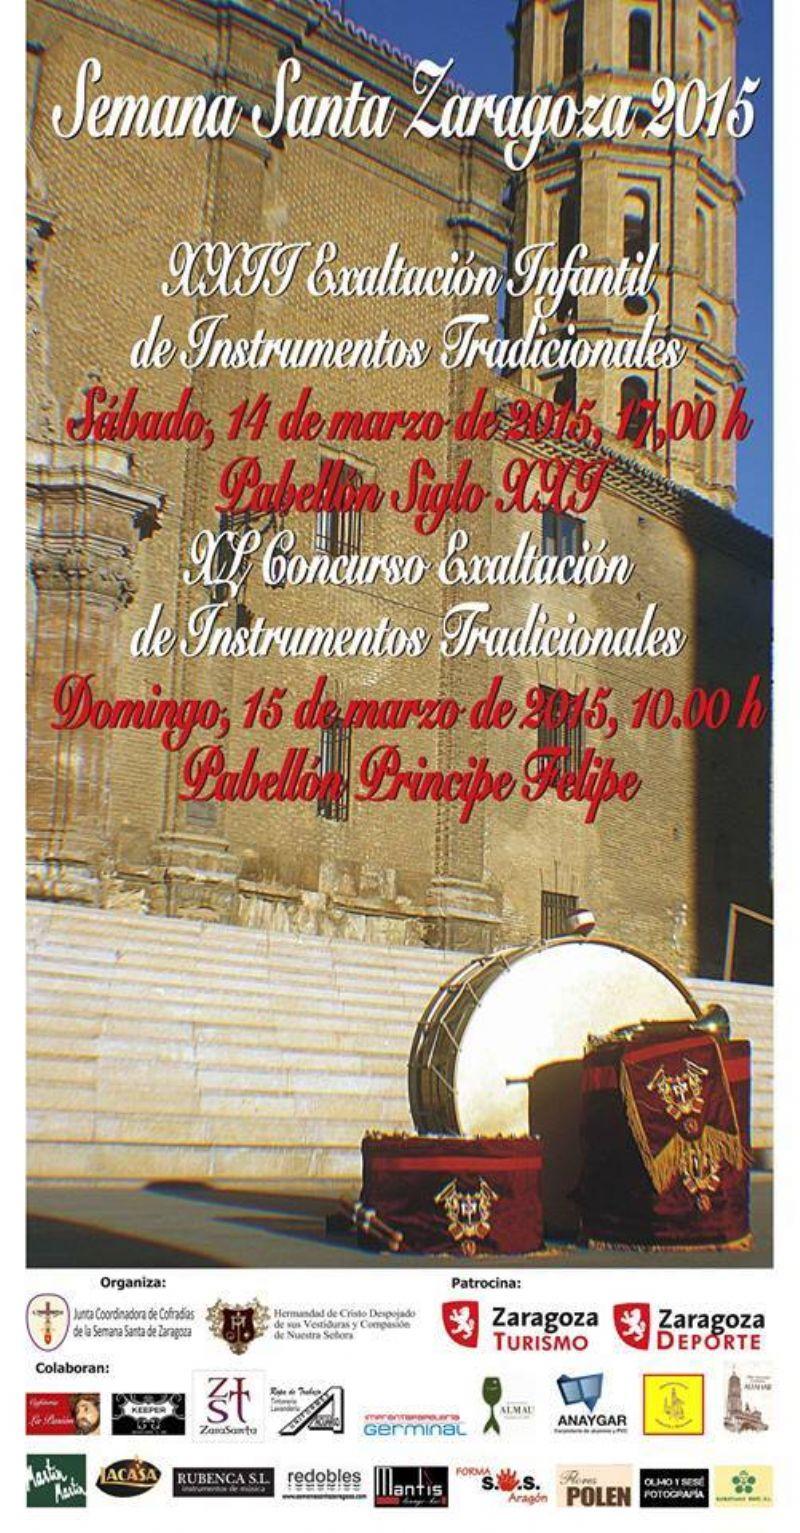 XL Concurso Exaltación de los Instrumentos Tradicionales de la Semana Santa